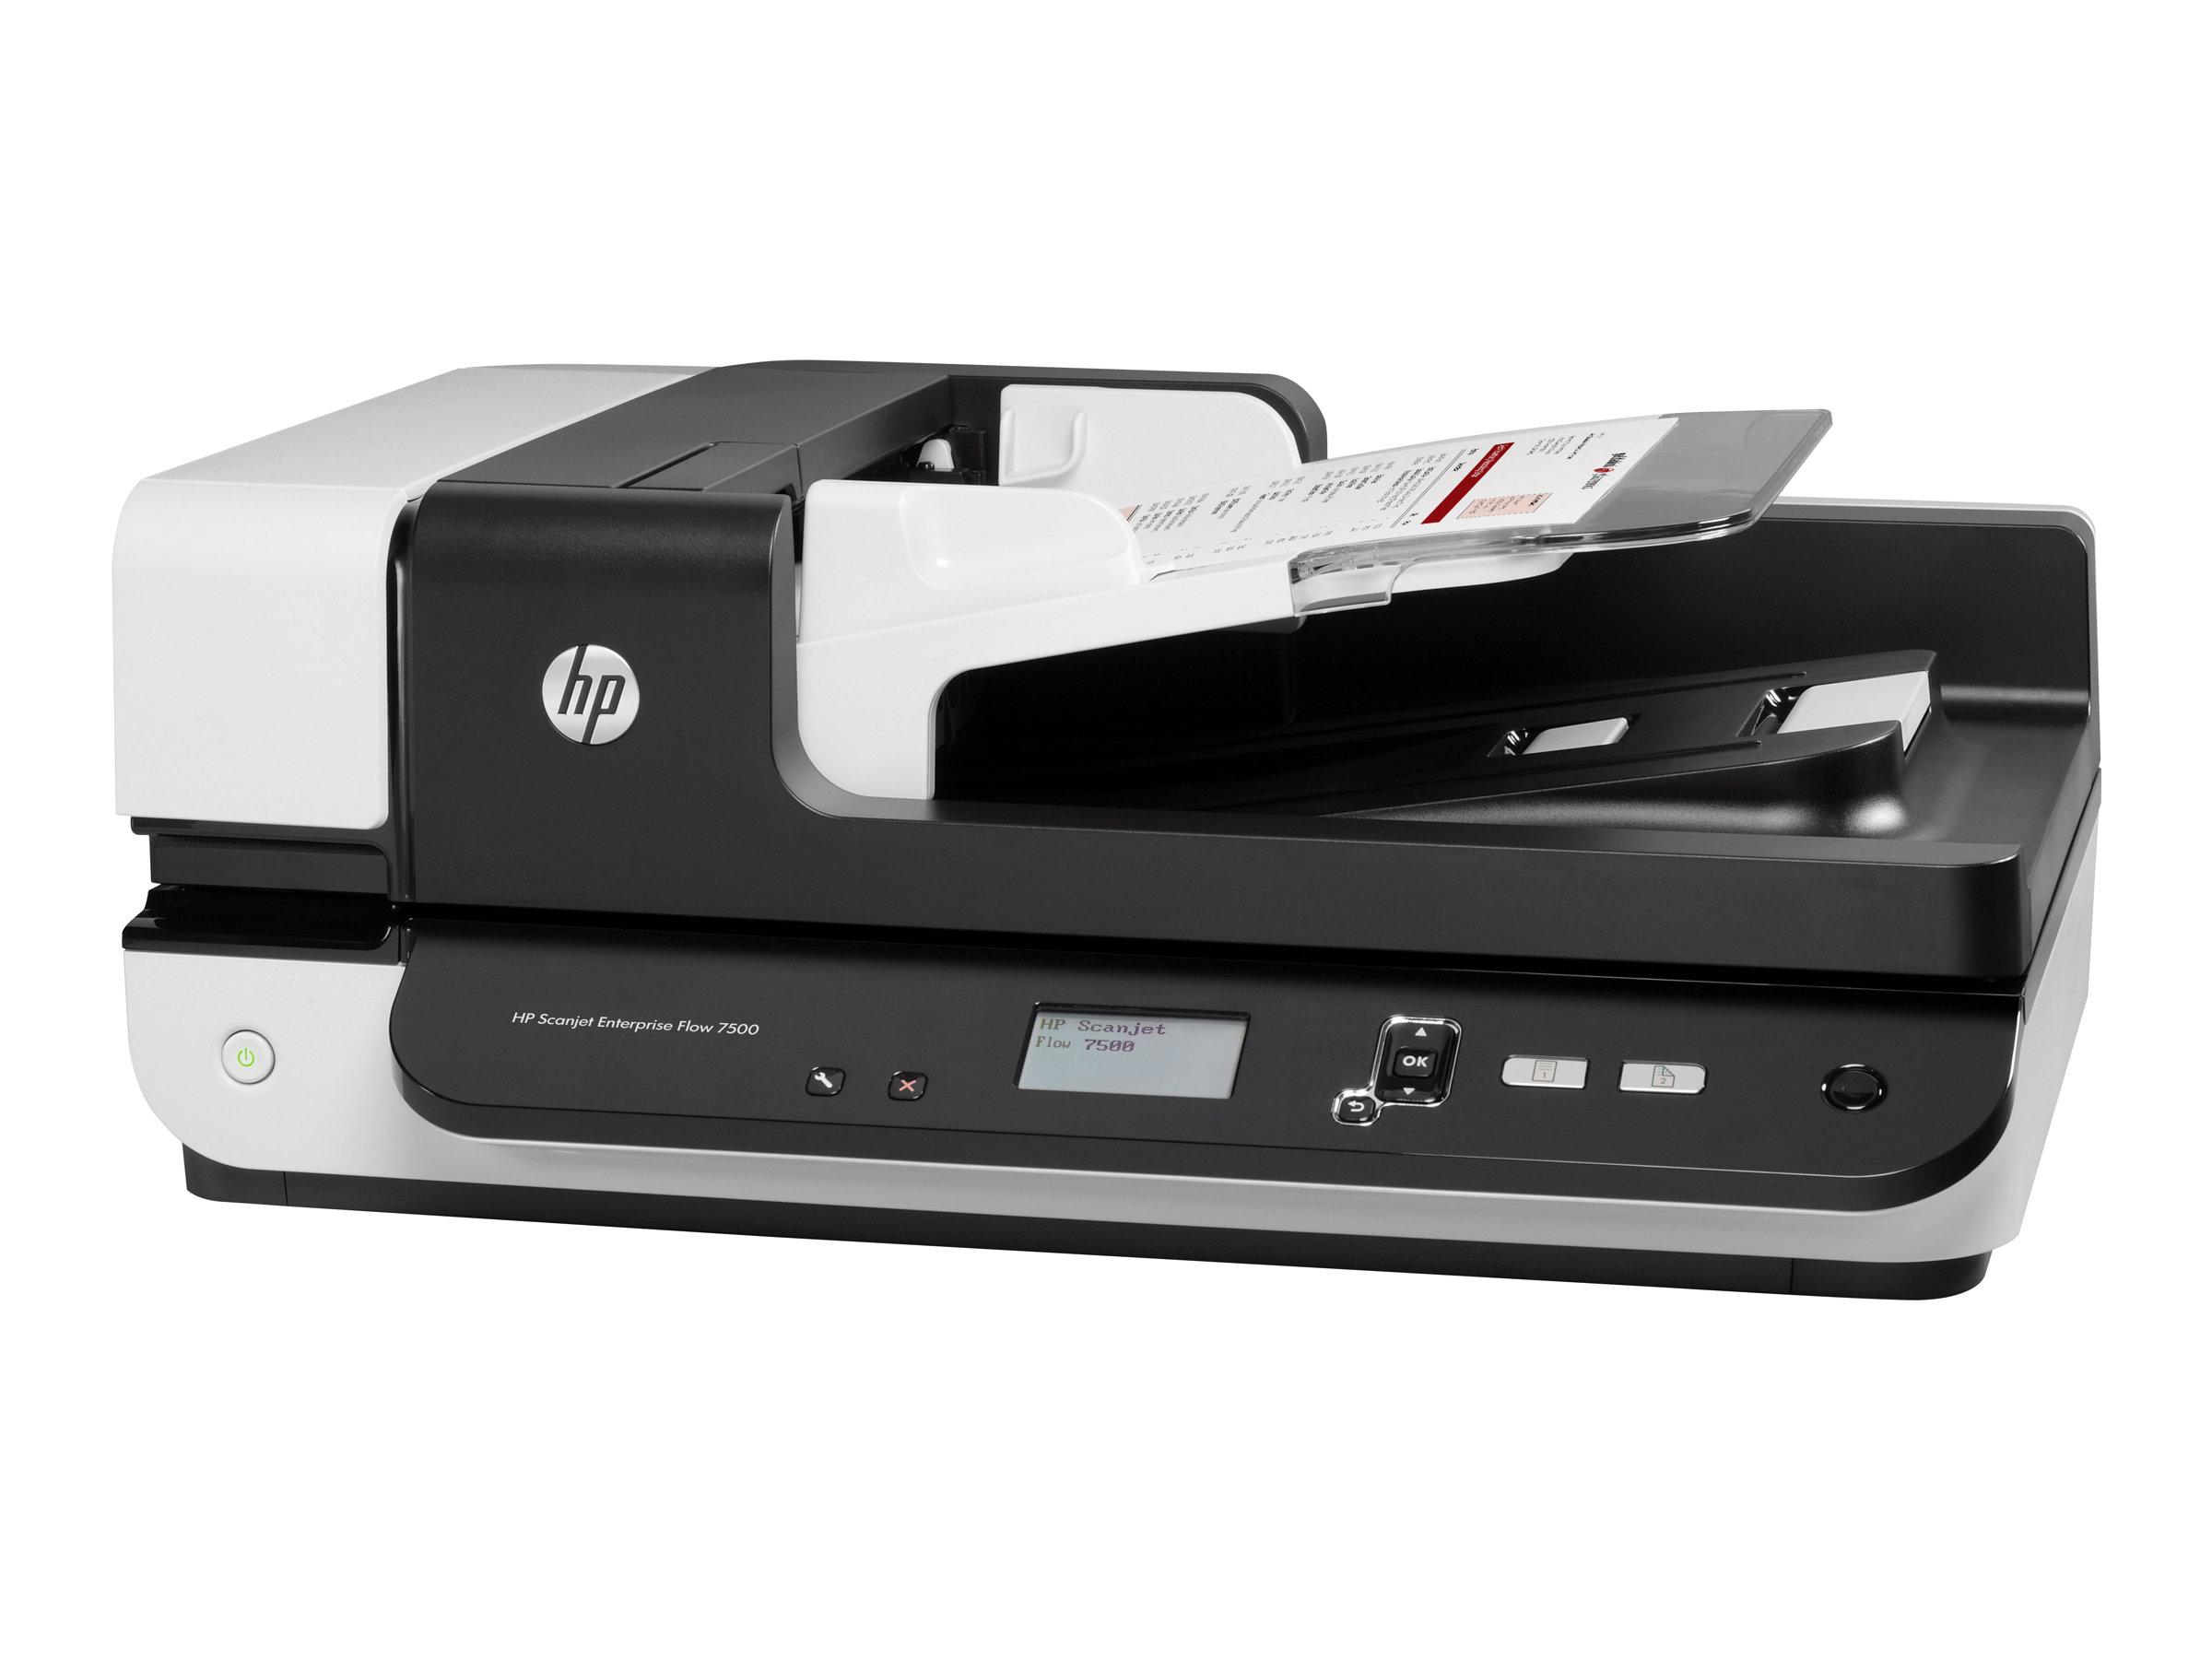 HP ScanJet Enterprise Flow 7500 - Dokumentenscanner - Duplex - 216 x 864 mm - 600 dpi x 600 dpi - bis zu 50 Seiten/Min. (einfarbig)